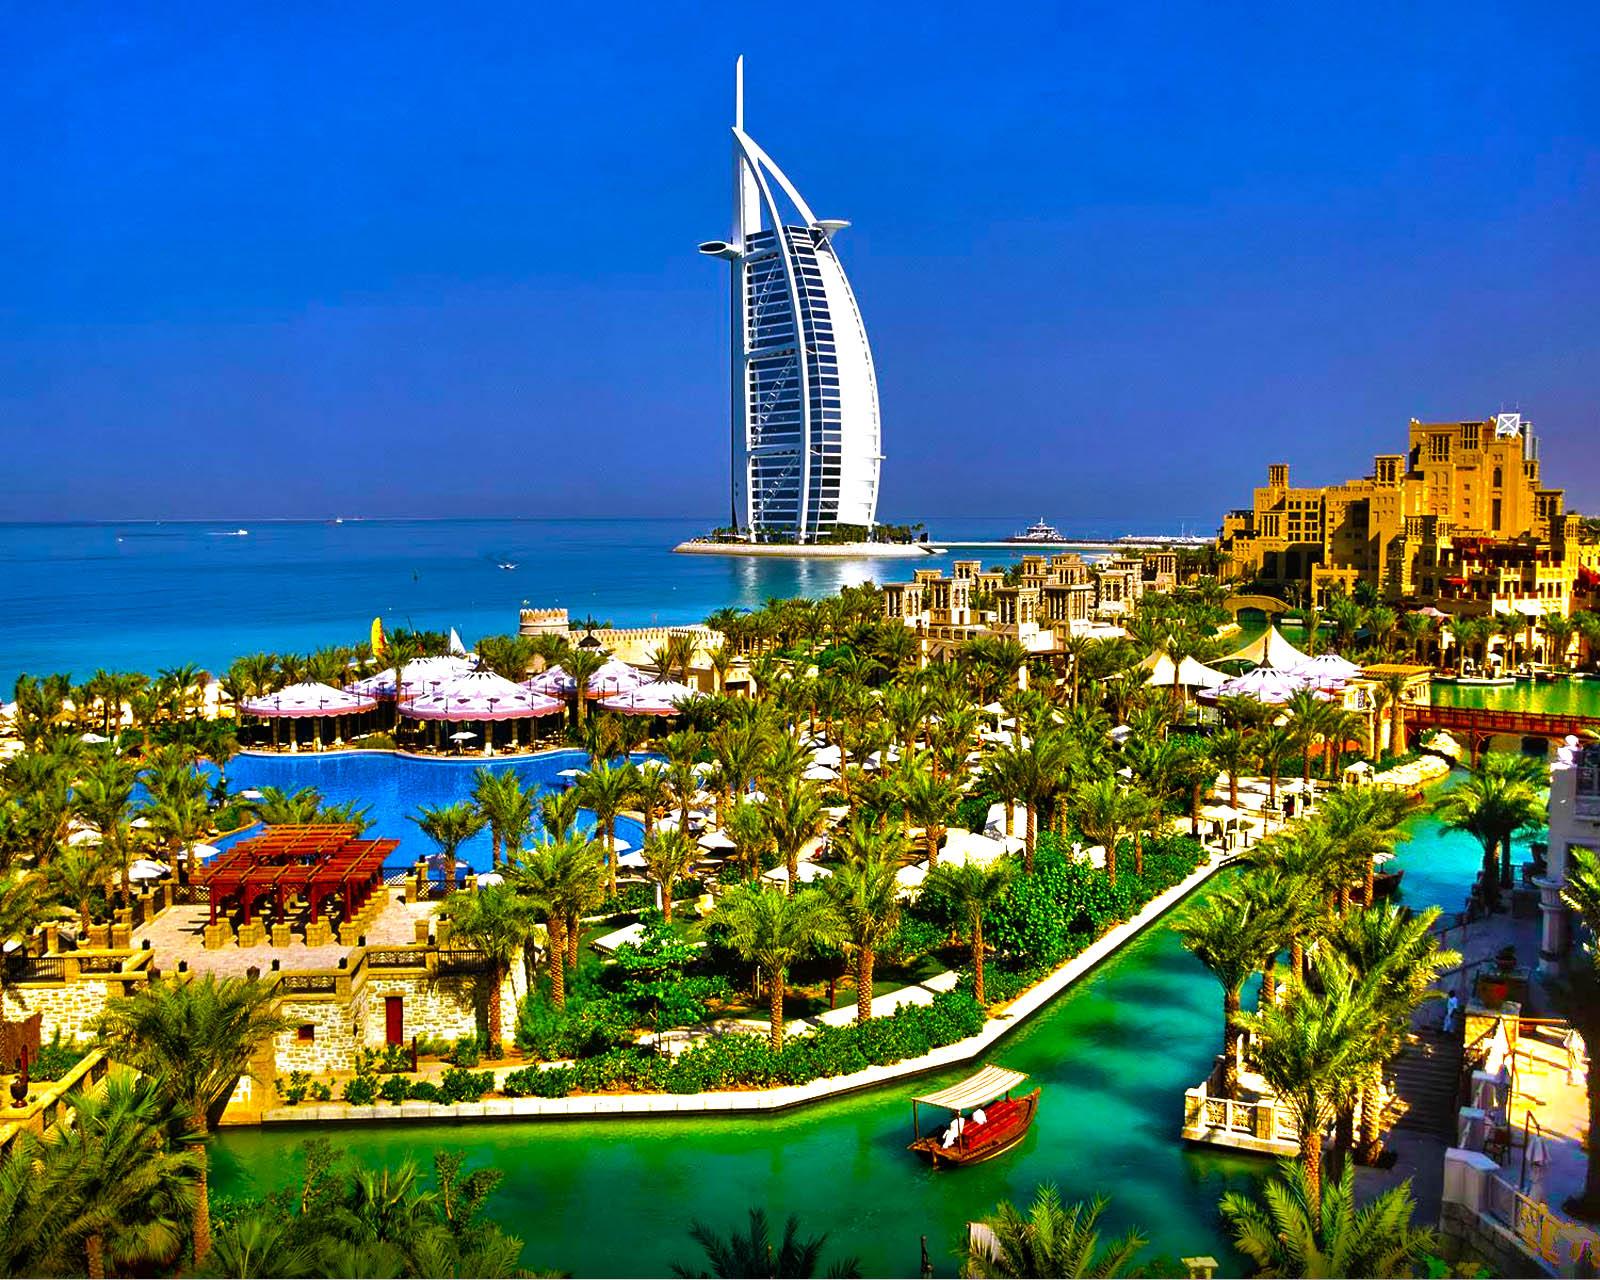 تور دبی ( هتل 4 ستاره ) – از دی ماه تا اطلاع ثانویه